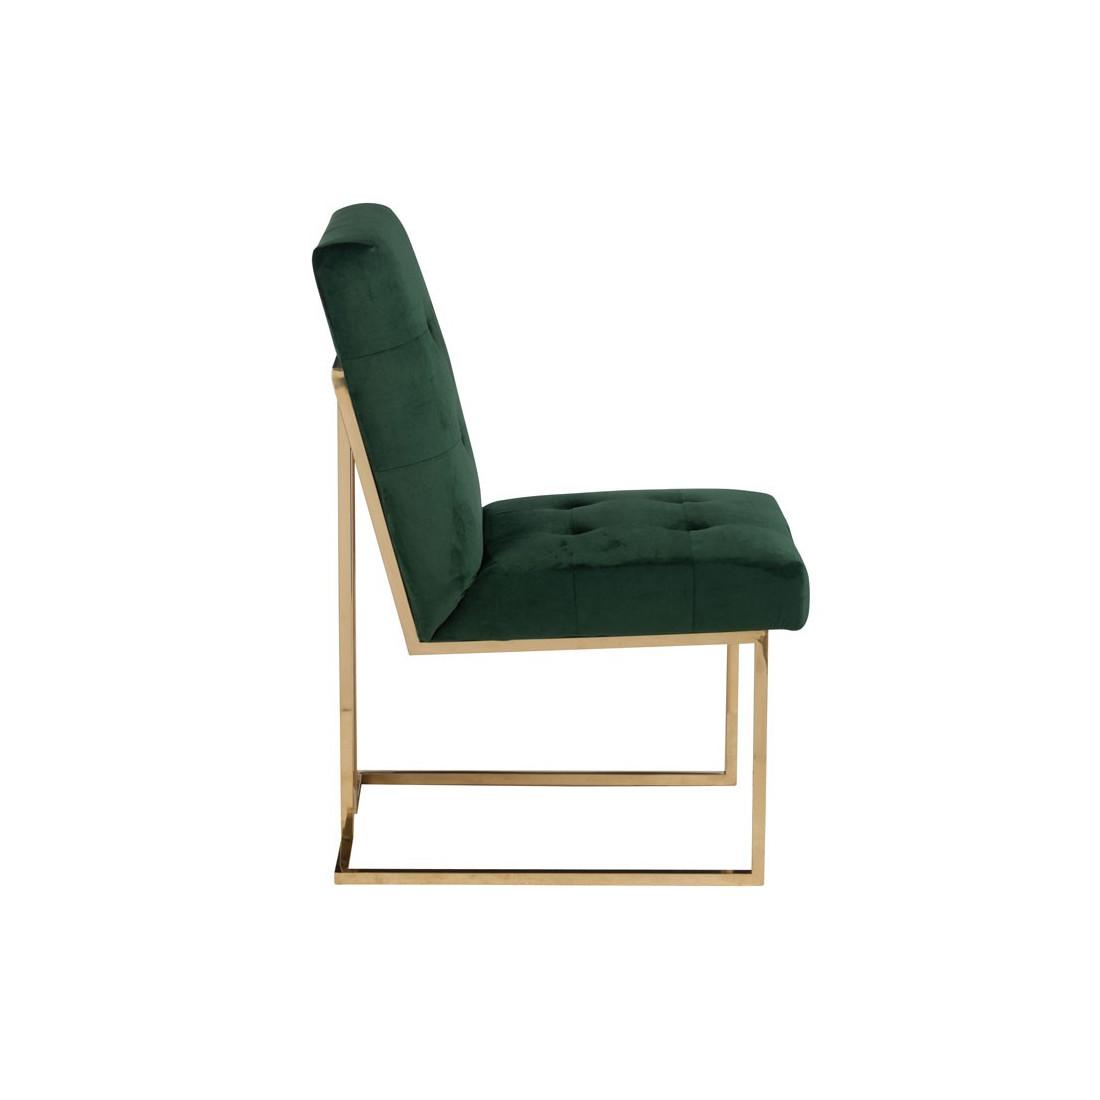 duo de chaises velours vert velly univers des assises. Black Bedroom Furniture Sets. Home Design Ideas